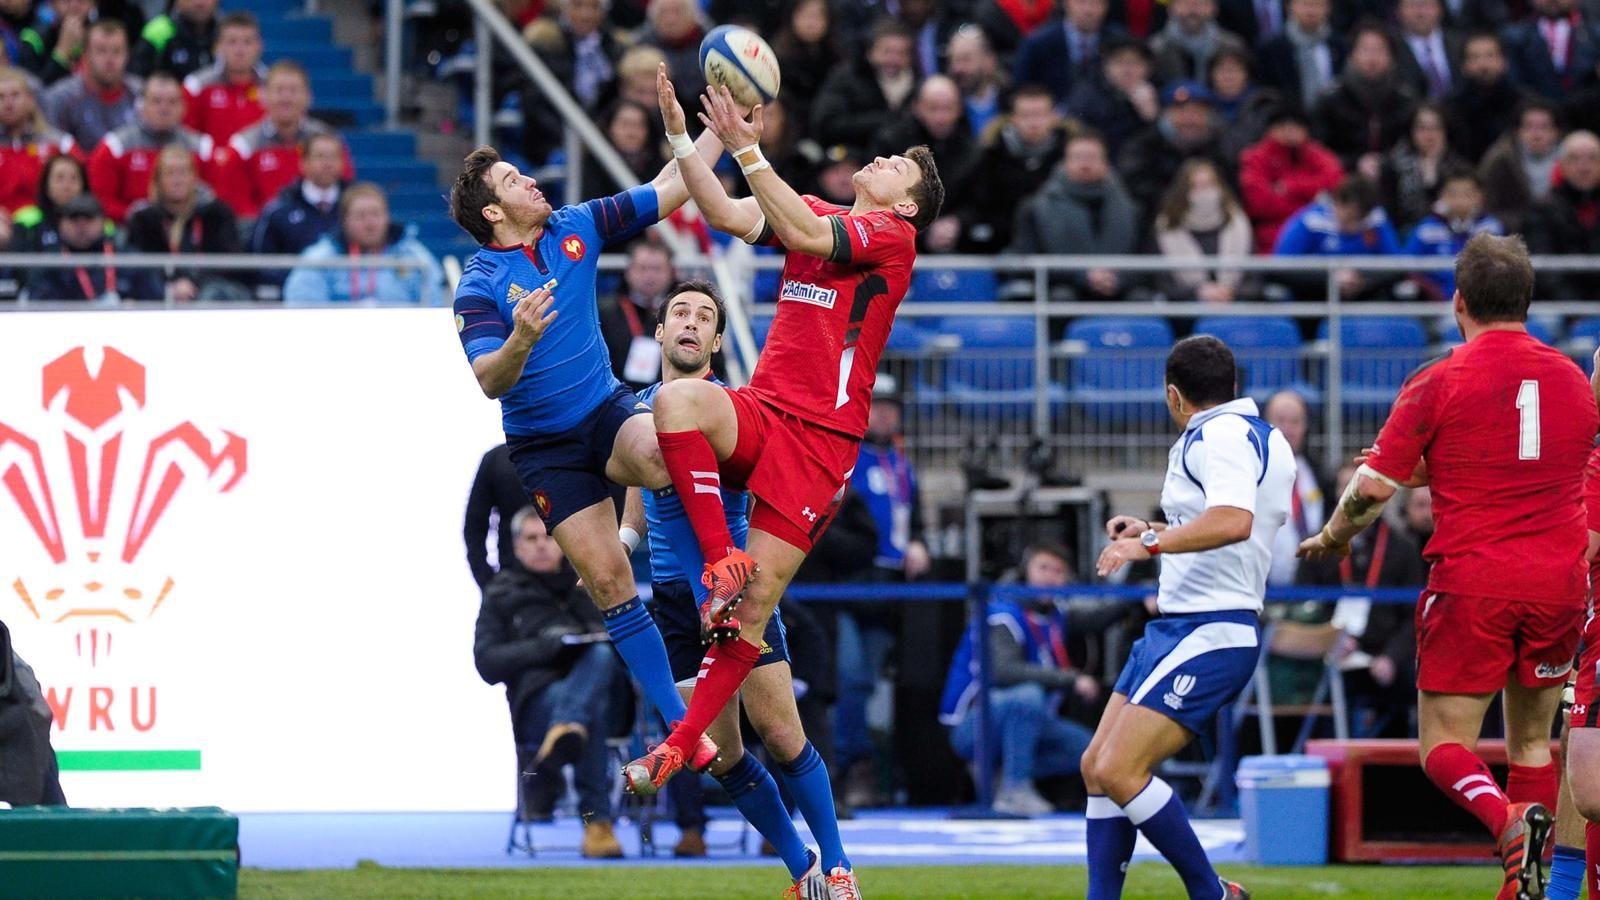 Sans Inspiration Les Bleus N Ont Pas Trouve La Solution Rugby Pays De Galles Jaune Et Bleu